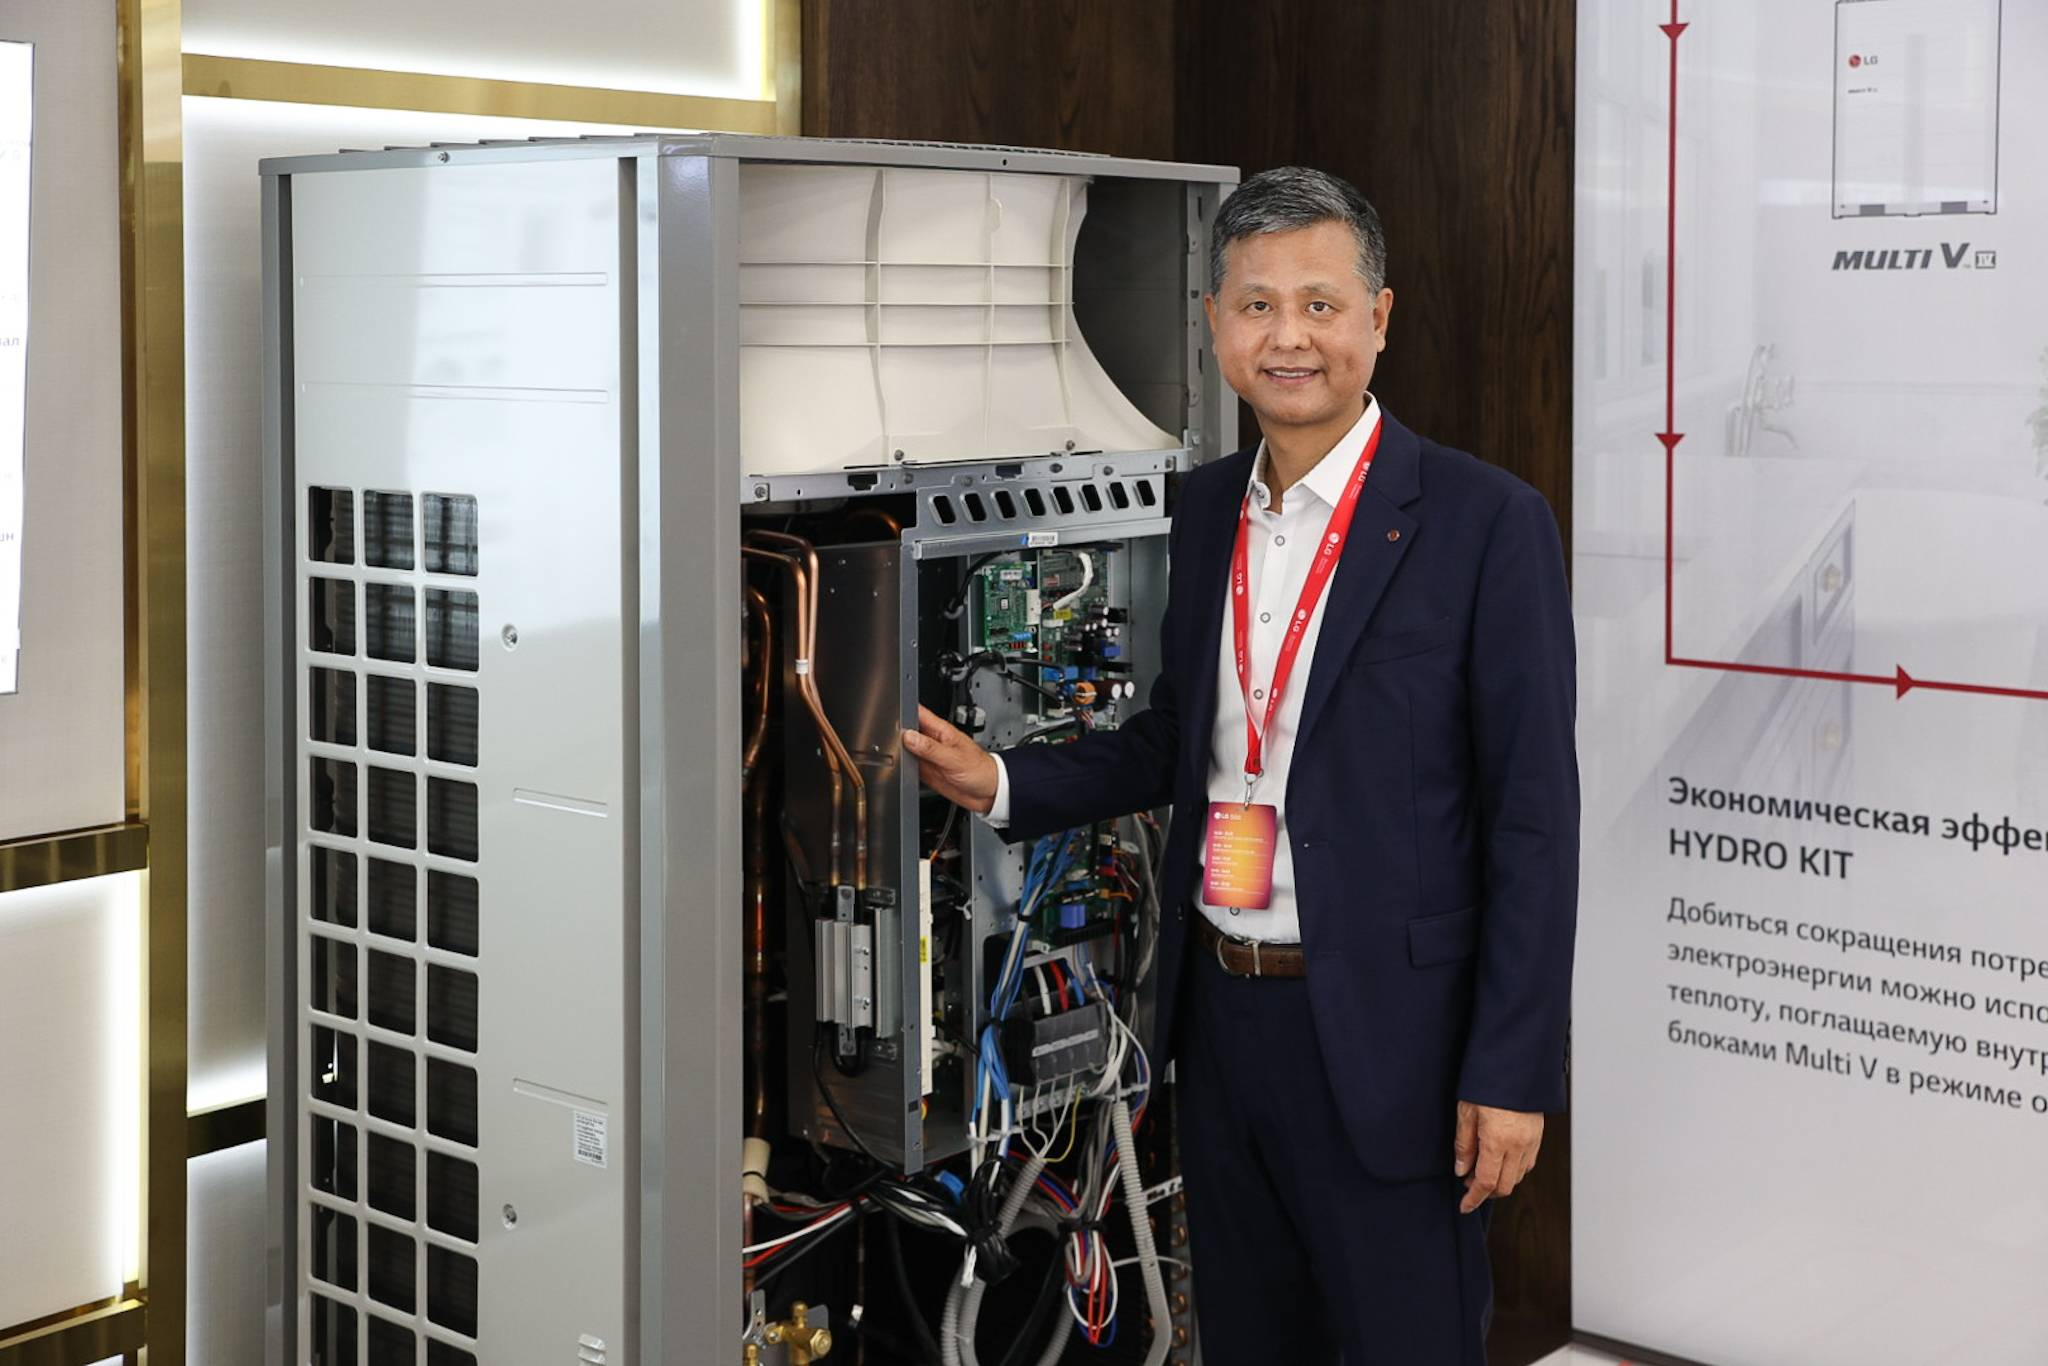 Профессиональные климатические решения  LG  представлены в Татарстане